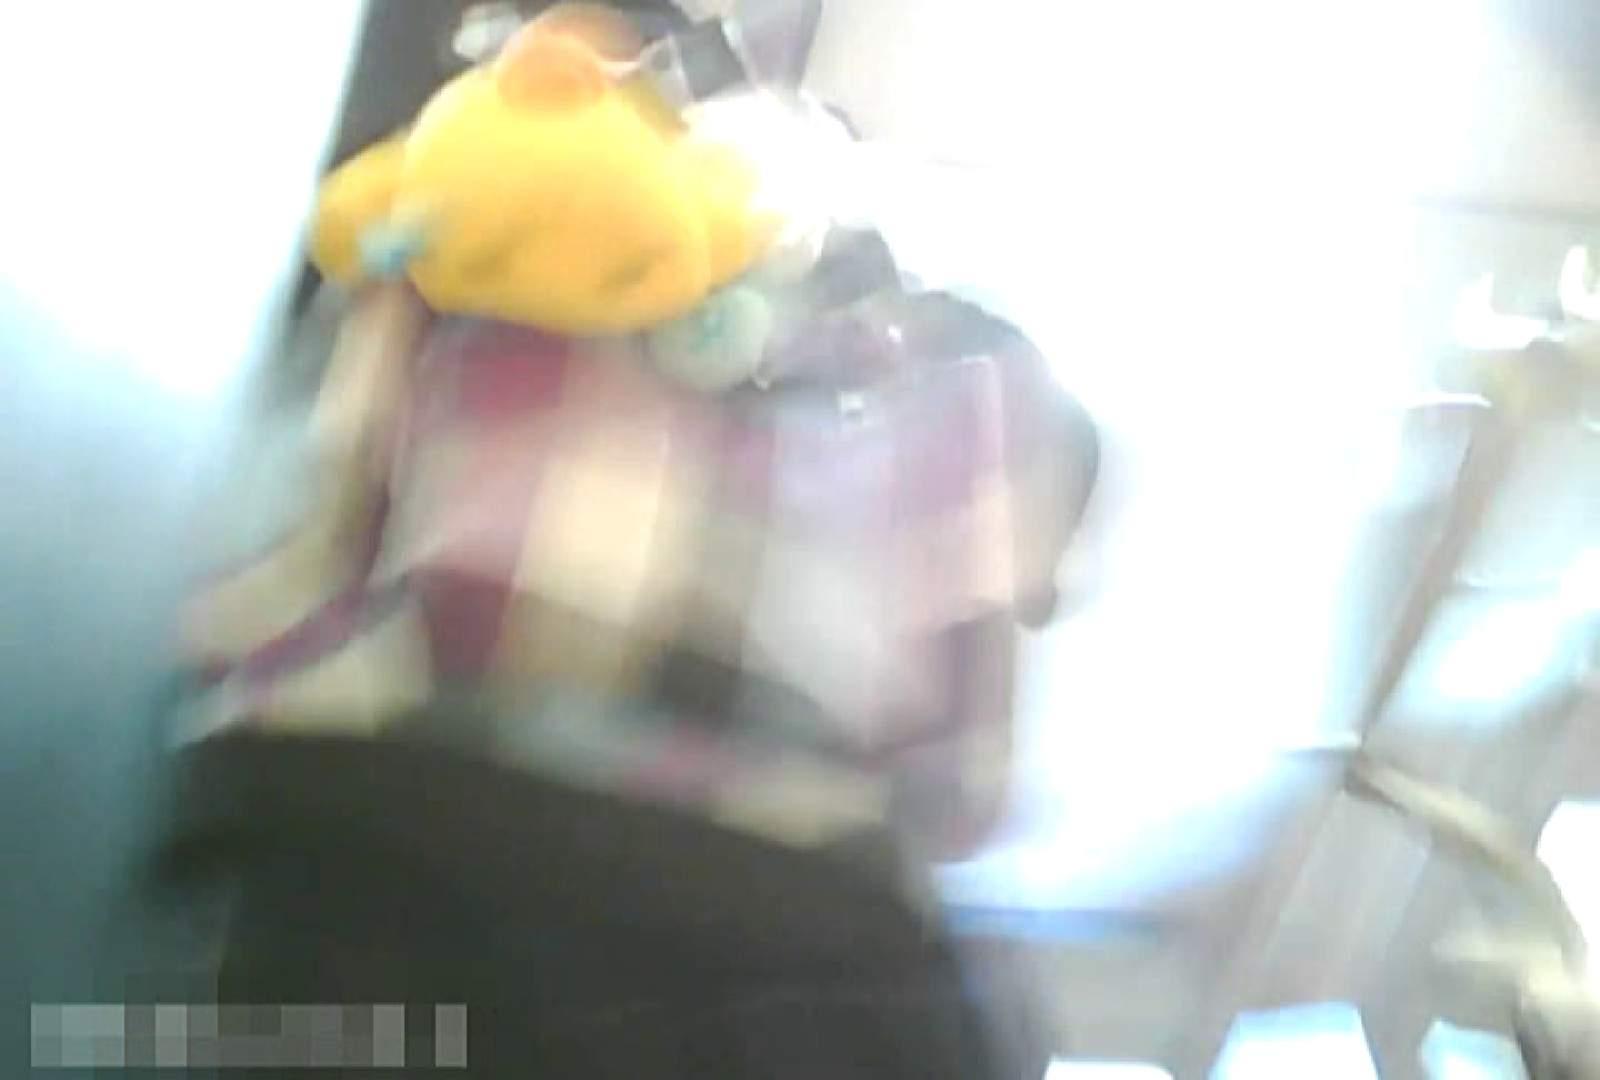 「チキン男」さんの制服ウォッチングVol.5 学校 盗み撮りオマンコ動画キャプチャ 98画像 35